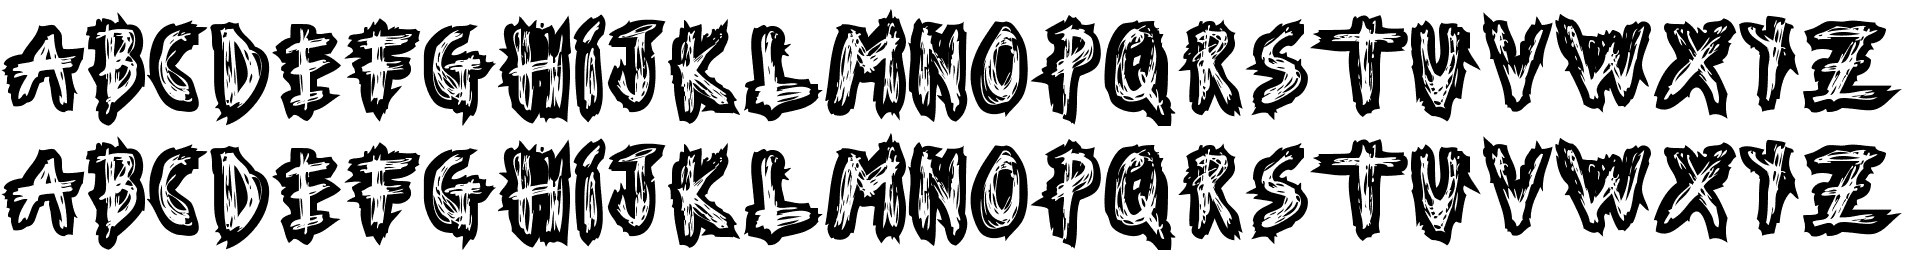 Serial Font